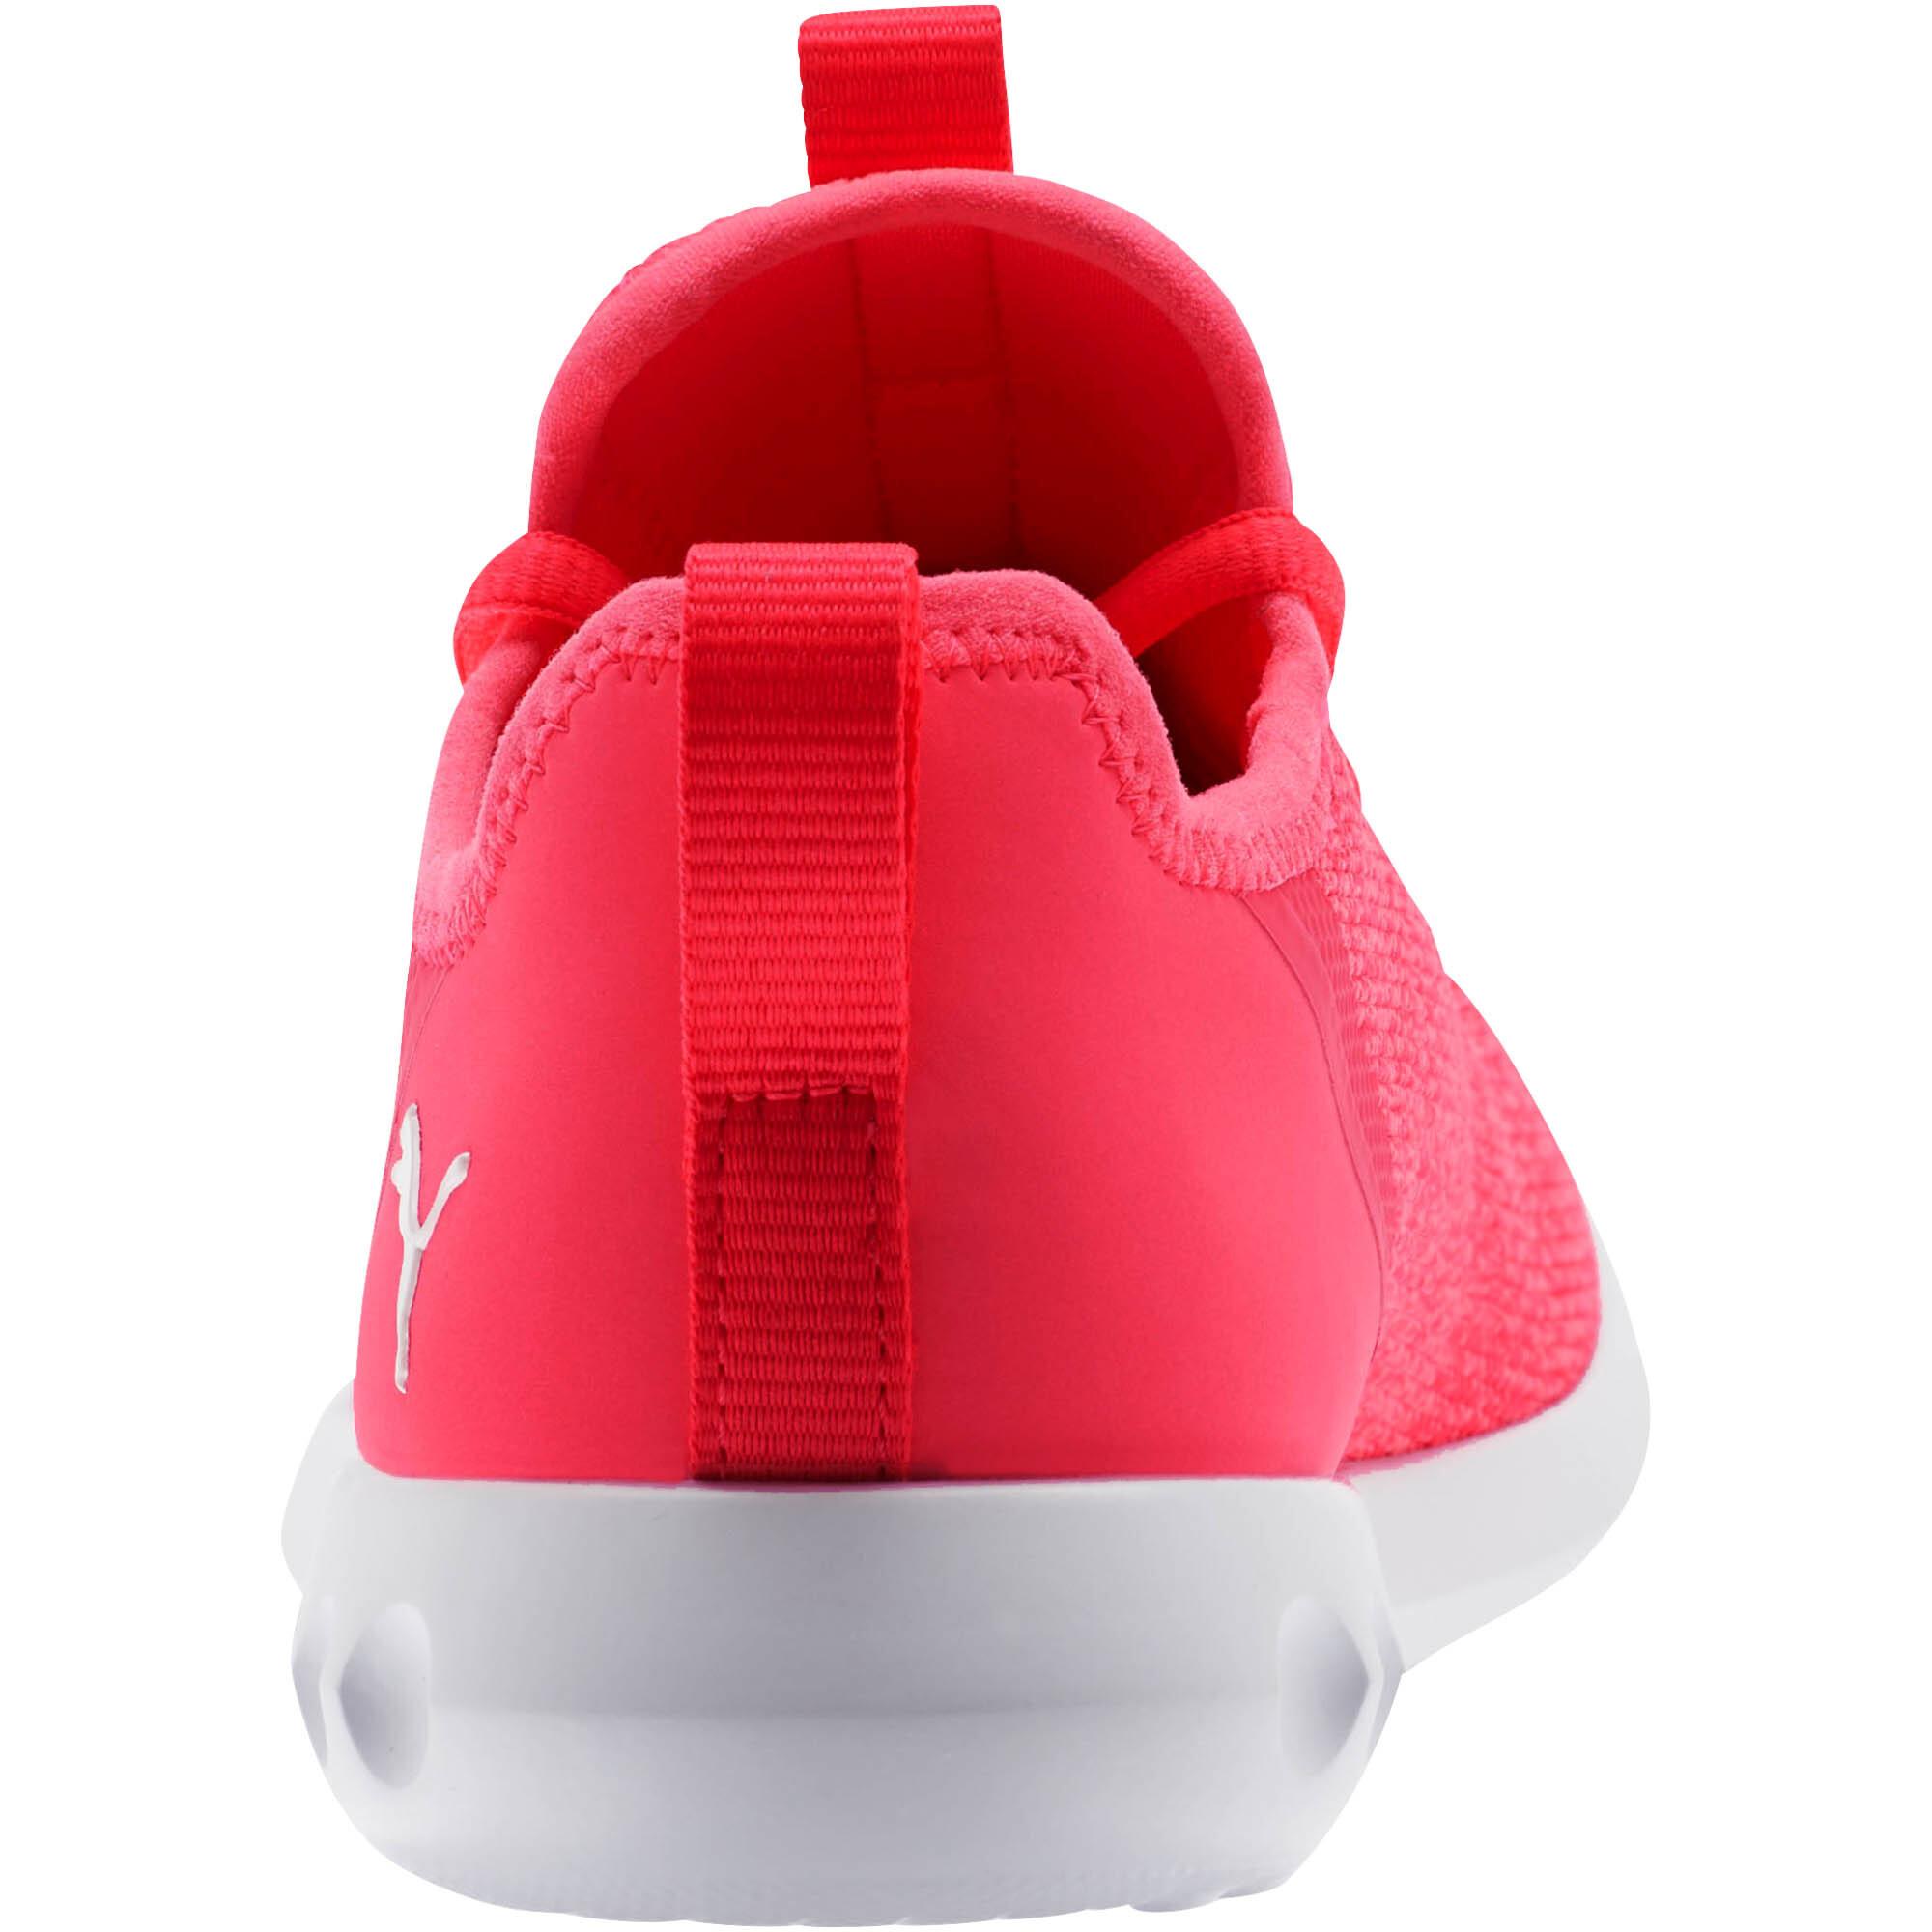 PUMA-Carson-2-X-Knit-Women-s-Running-Shoes-Women-Shoe-Running thumbnail 15